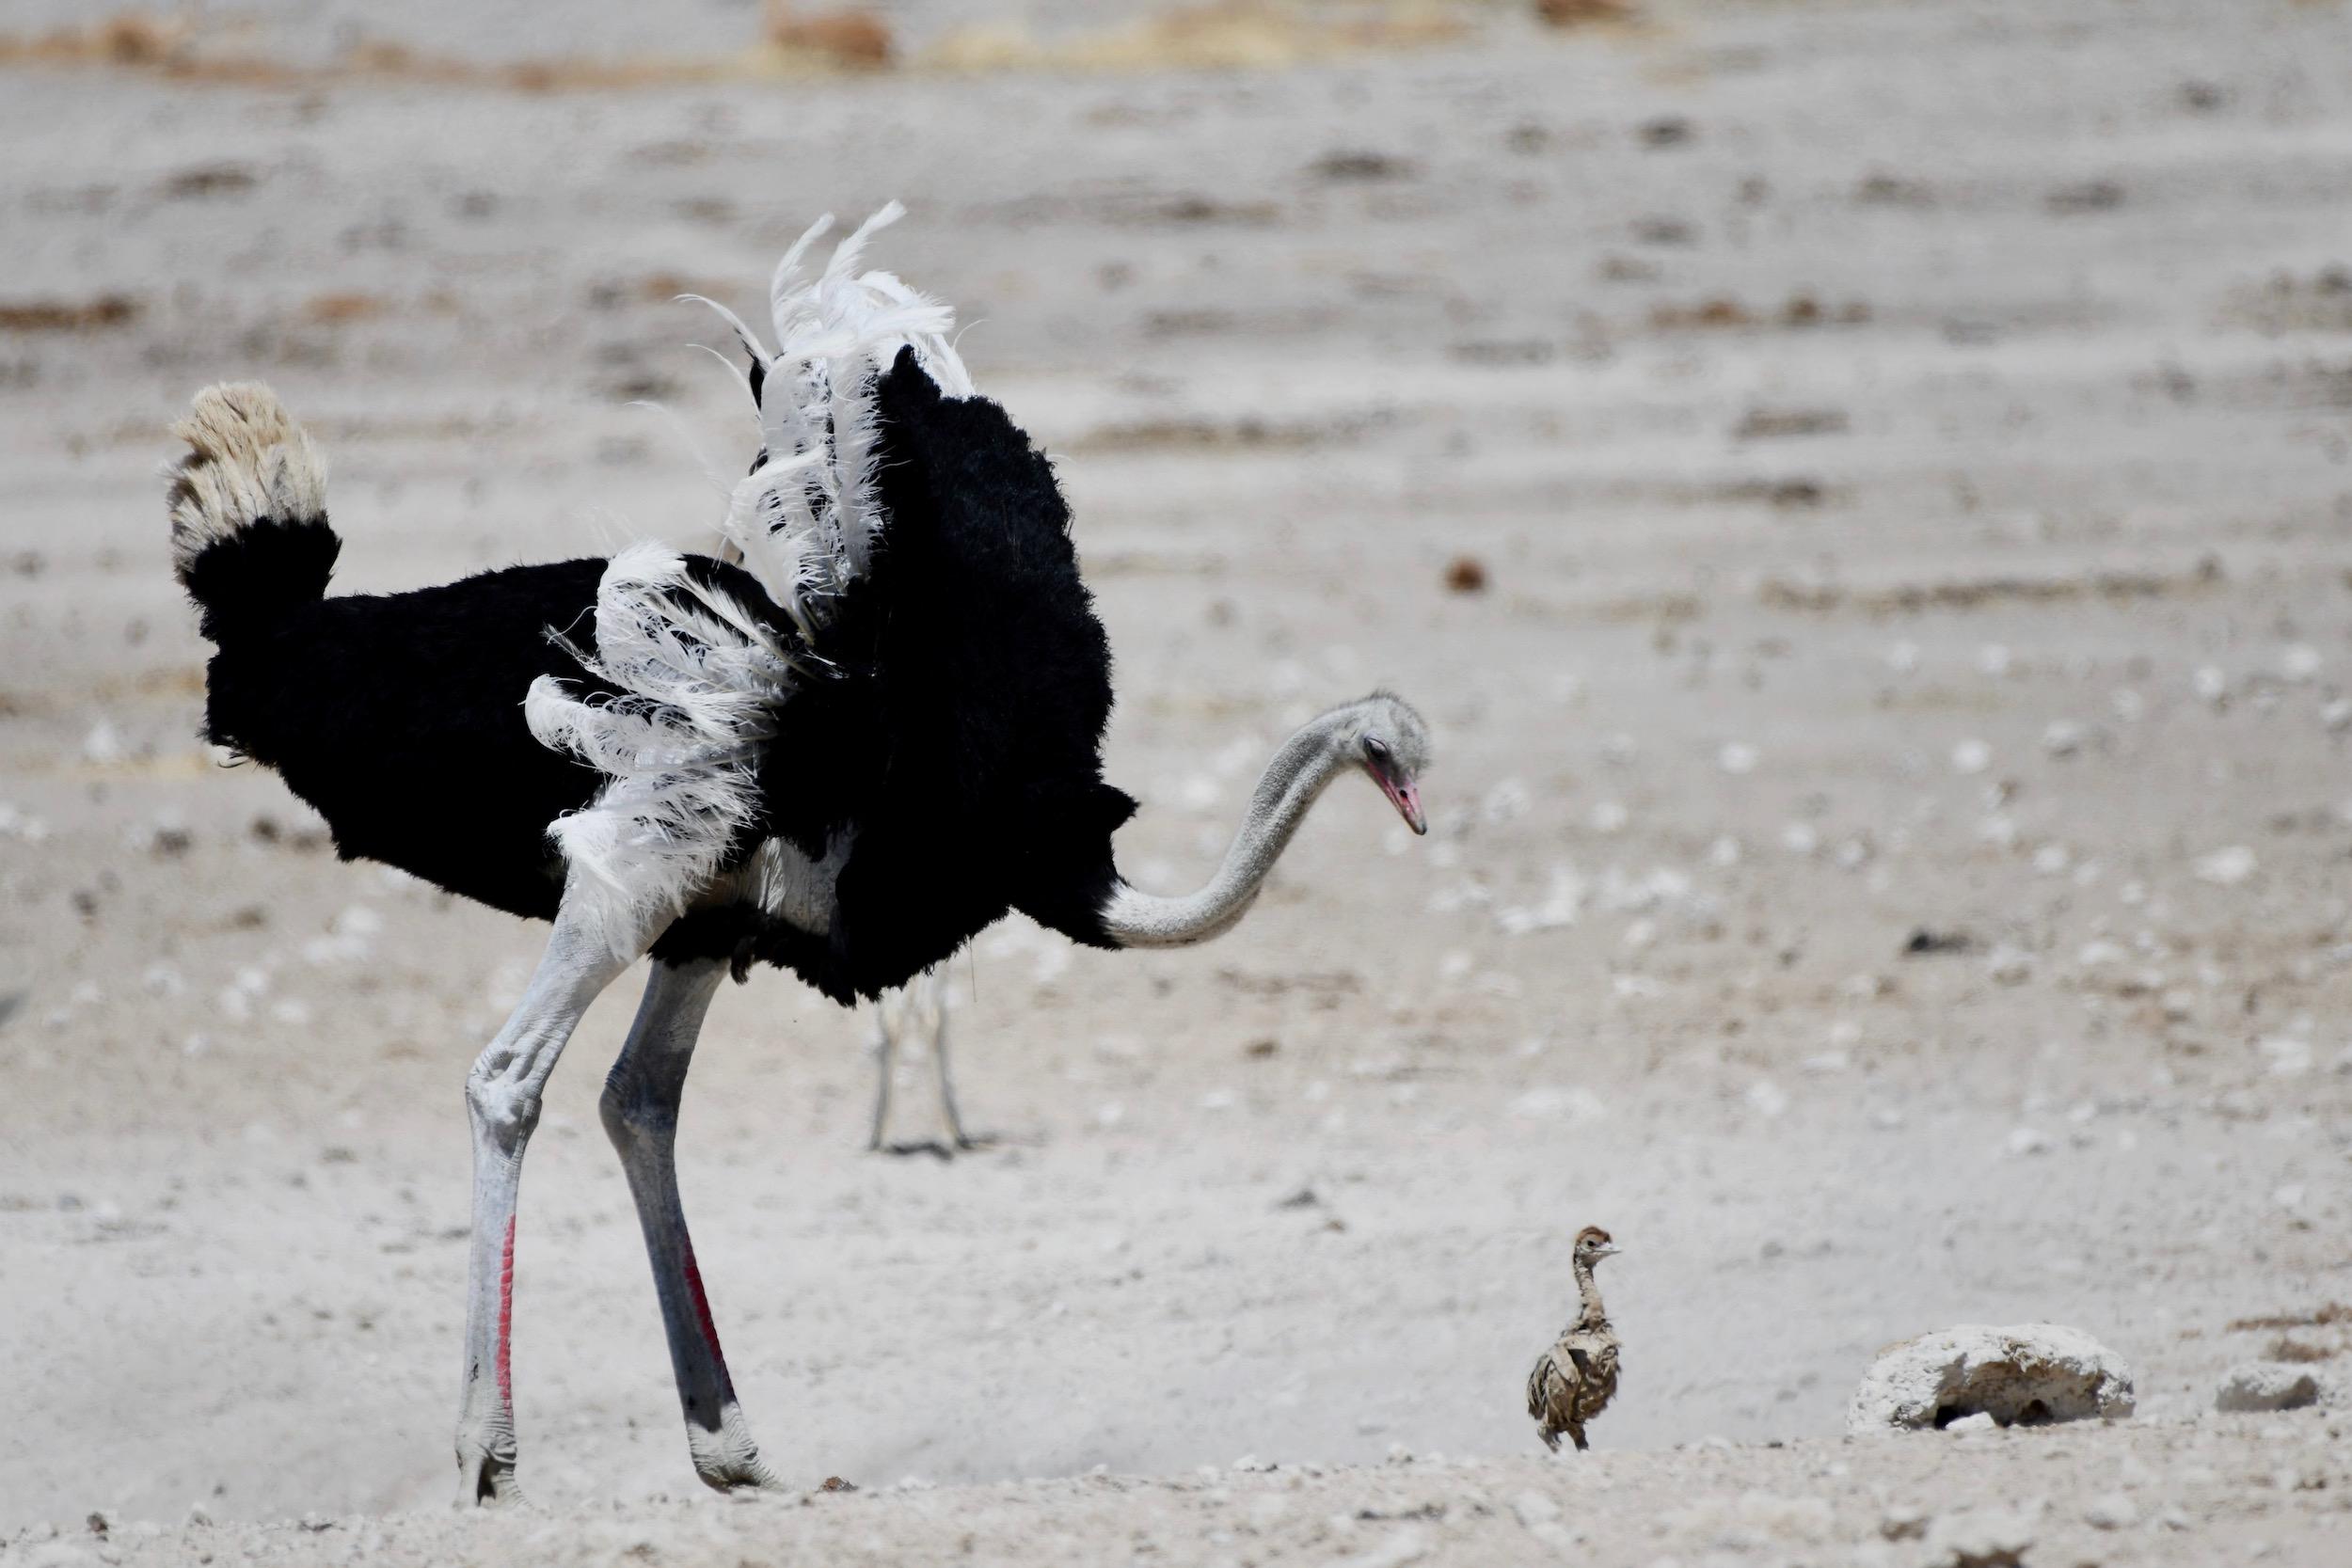 Vogelstrauß mit Nachwuchs